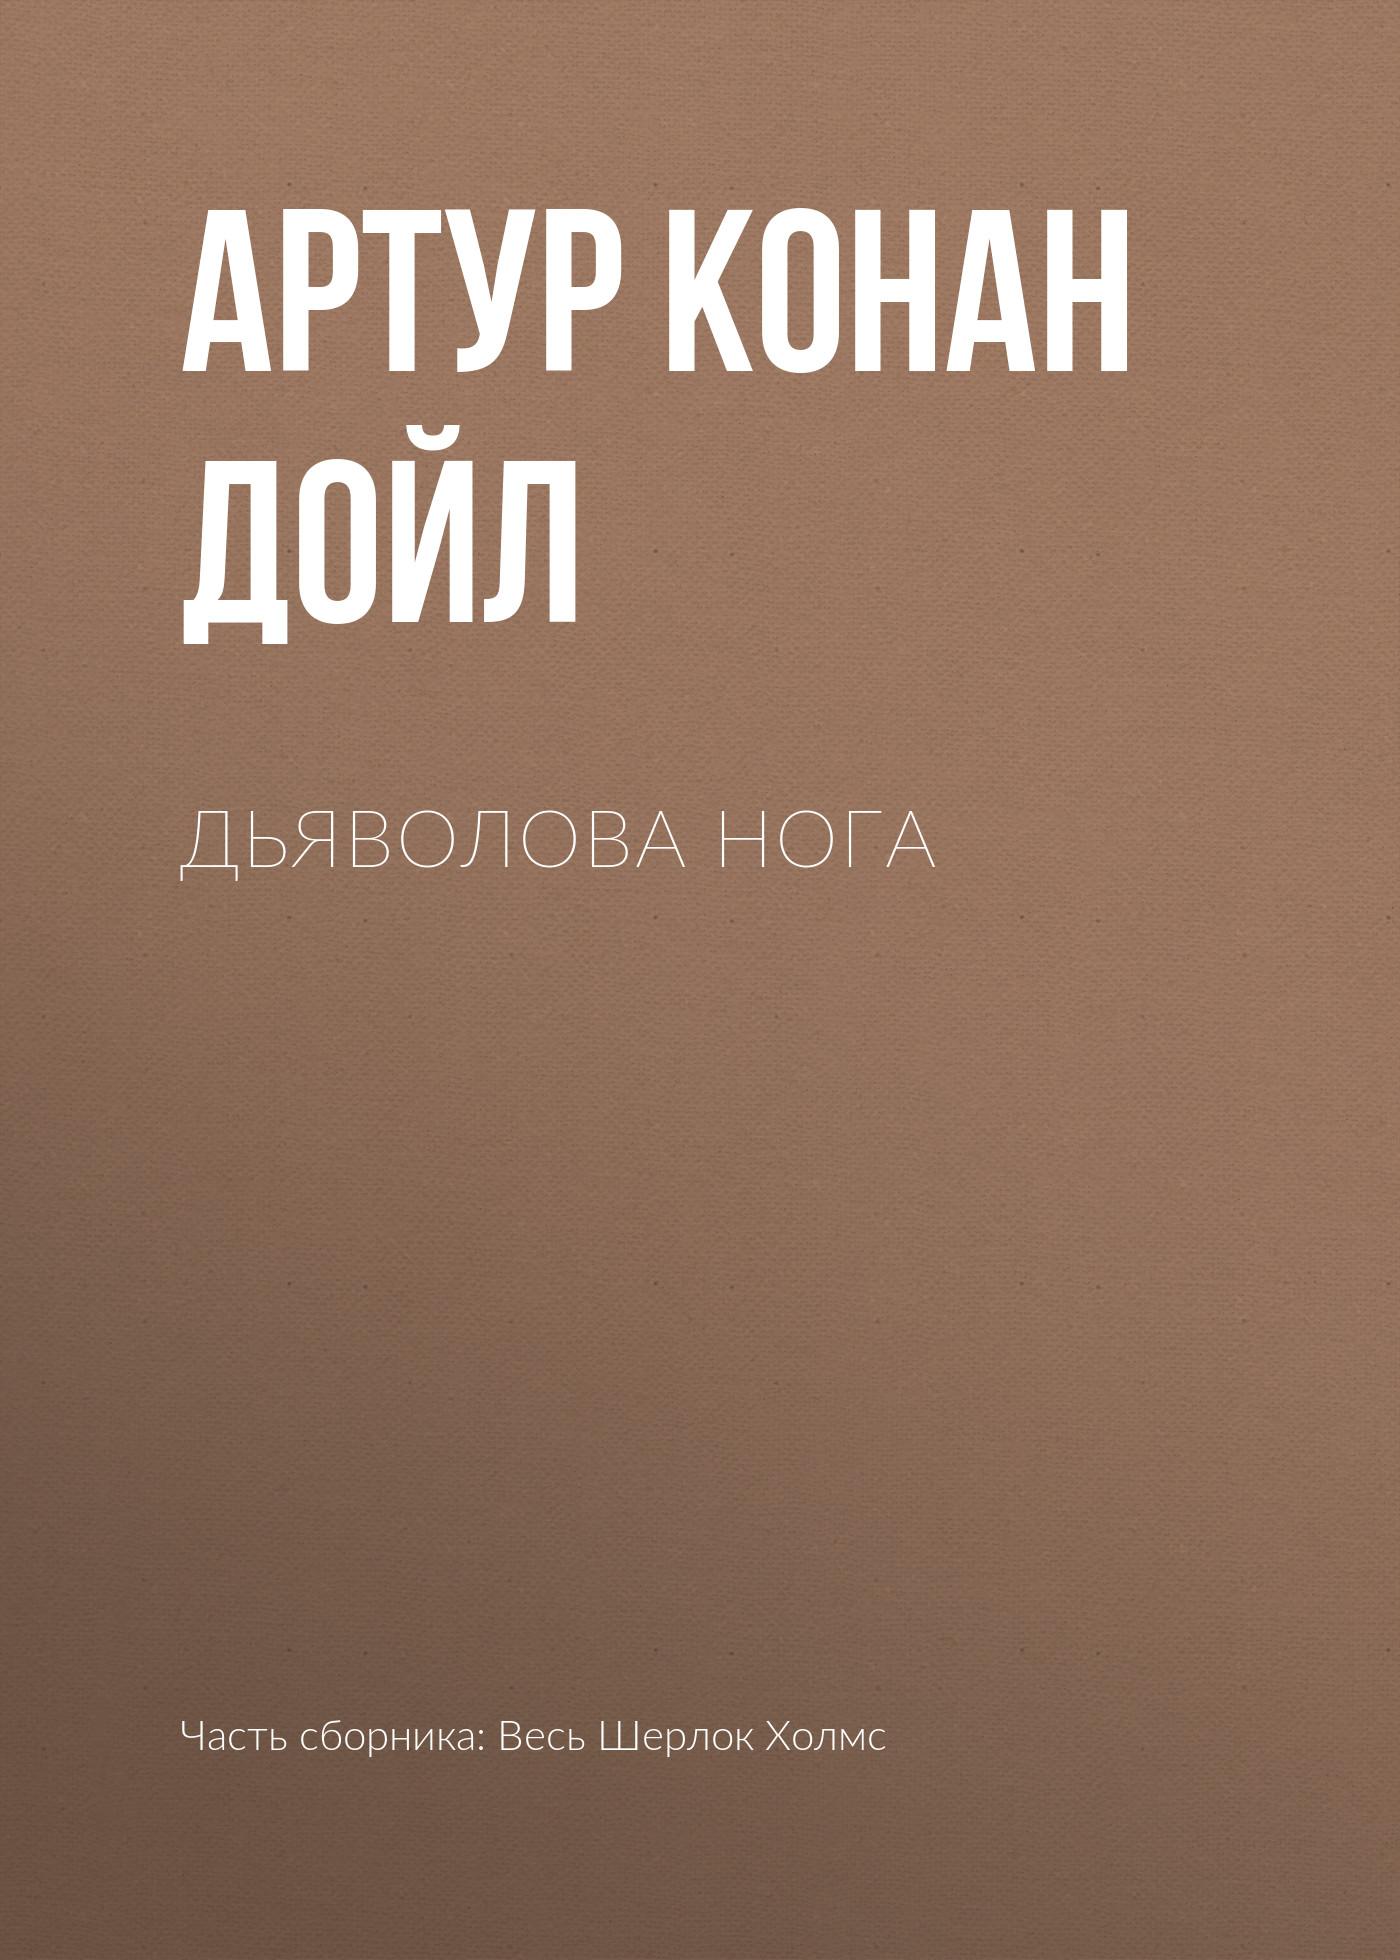 Купить книгу Дьяволова нога, автора Артура Конана Дойла